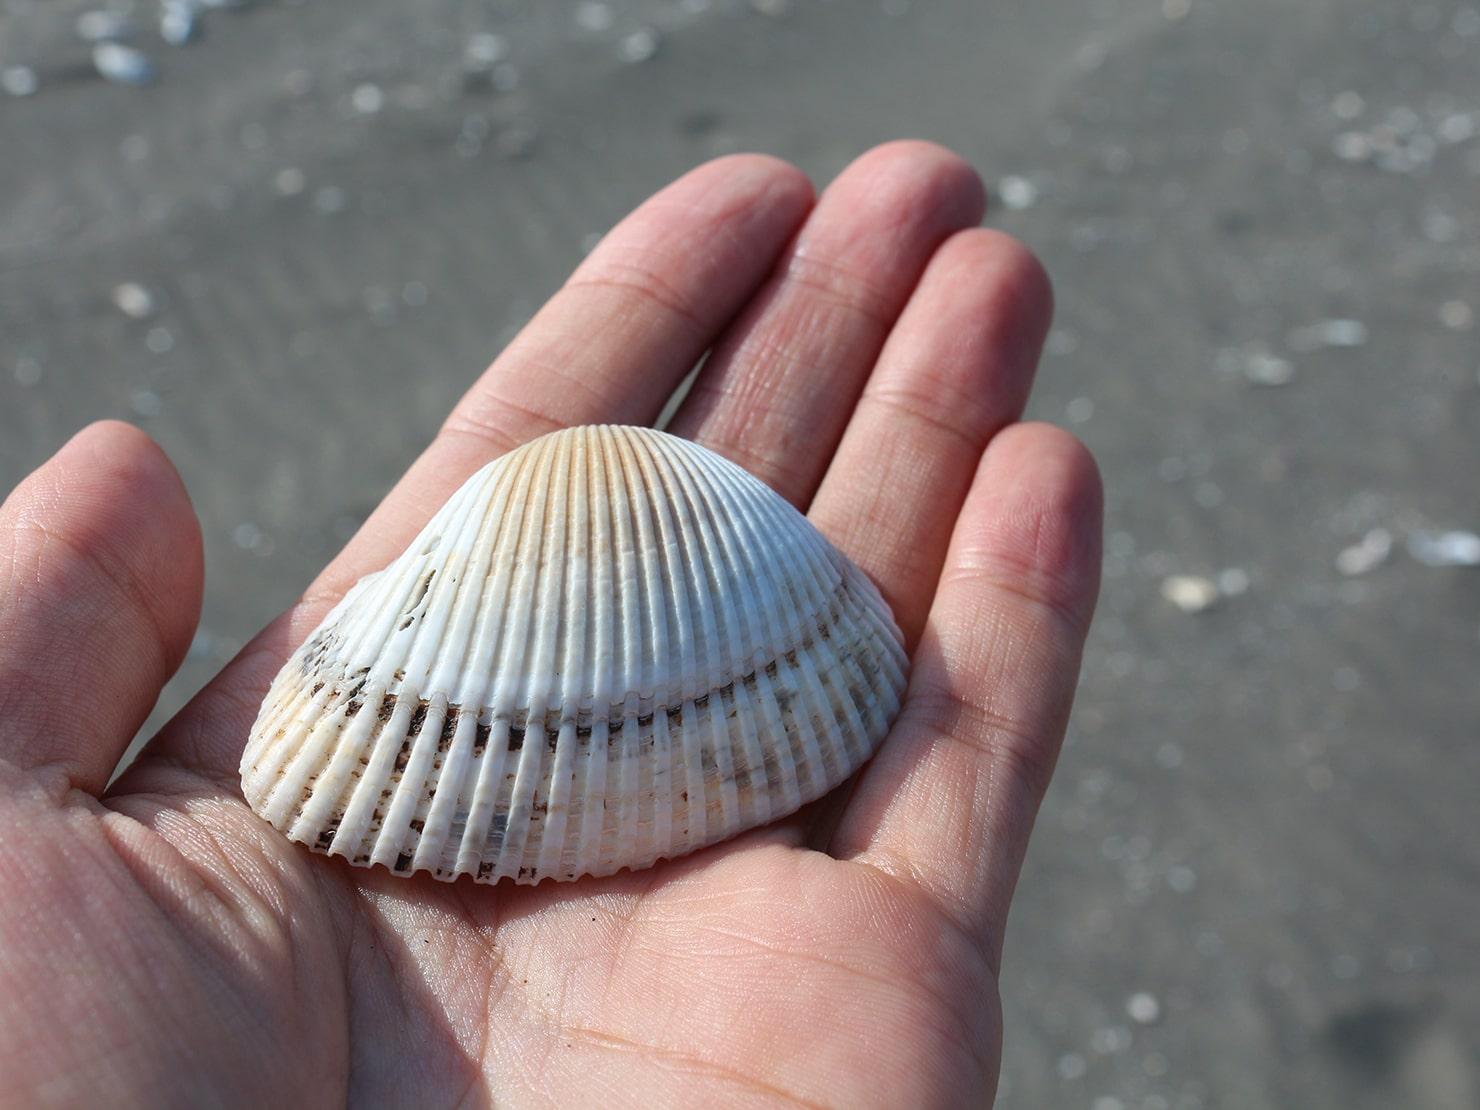 台南市街郊外のおすすめ観光スポット「台江國家公園」の海岸に落ちていた貝殻